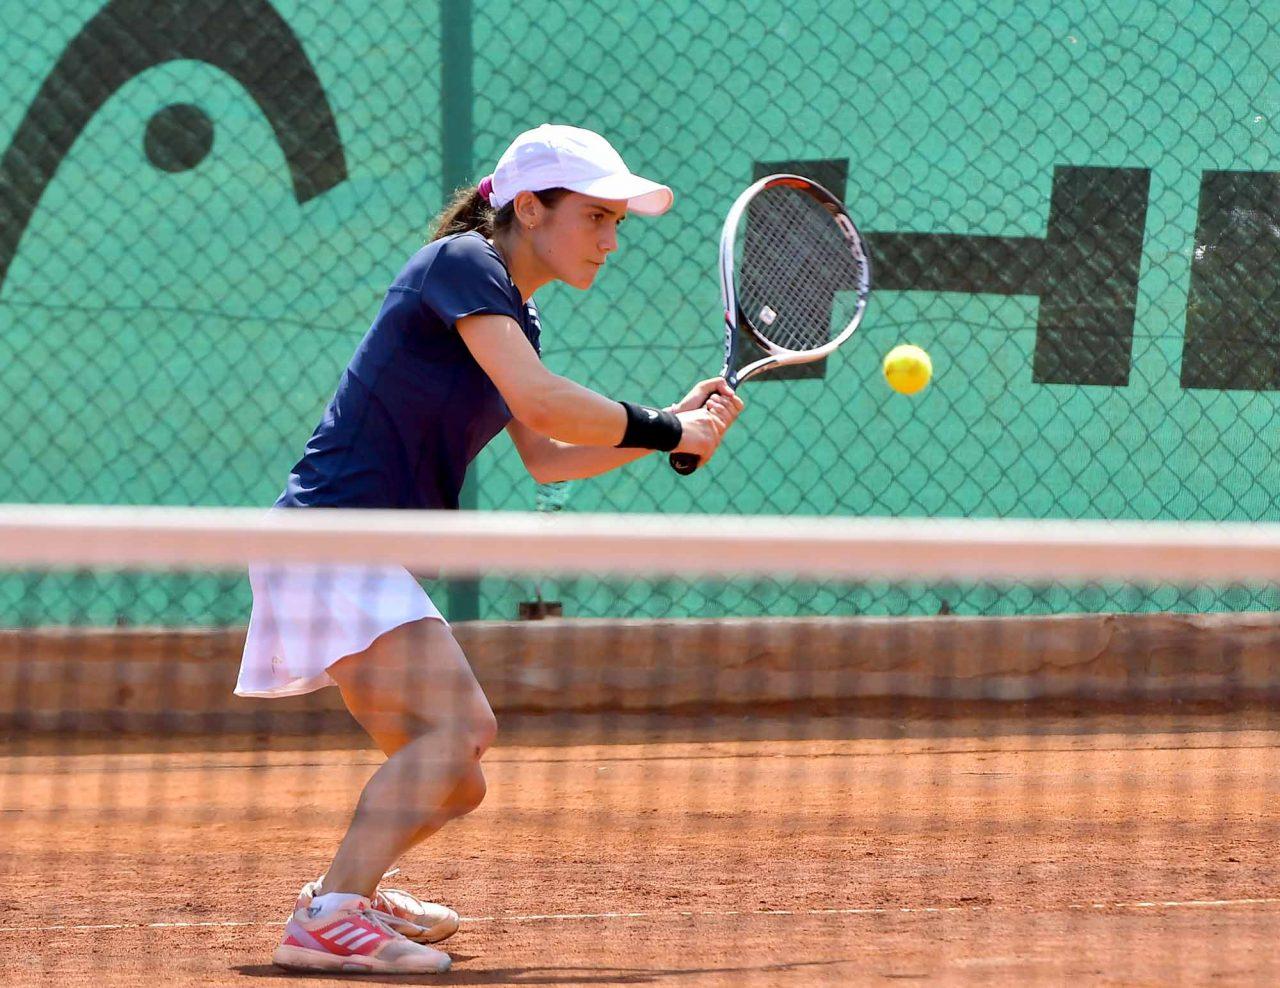 Държавно първенство тенис до 14 год. ТК 15-40 момичета (36)